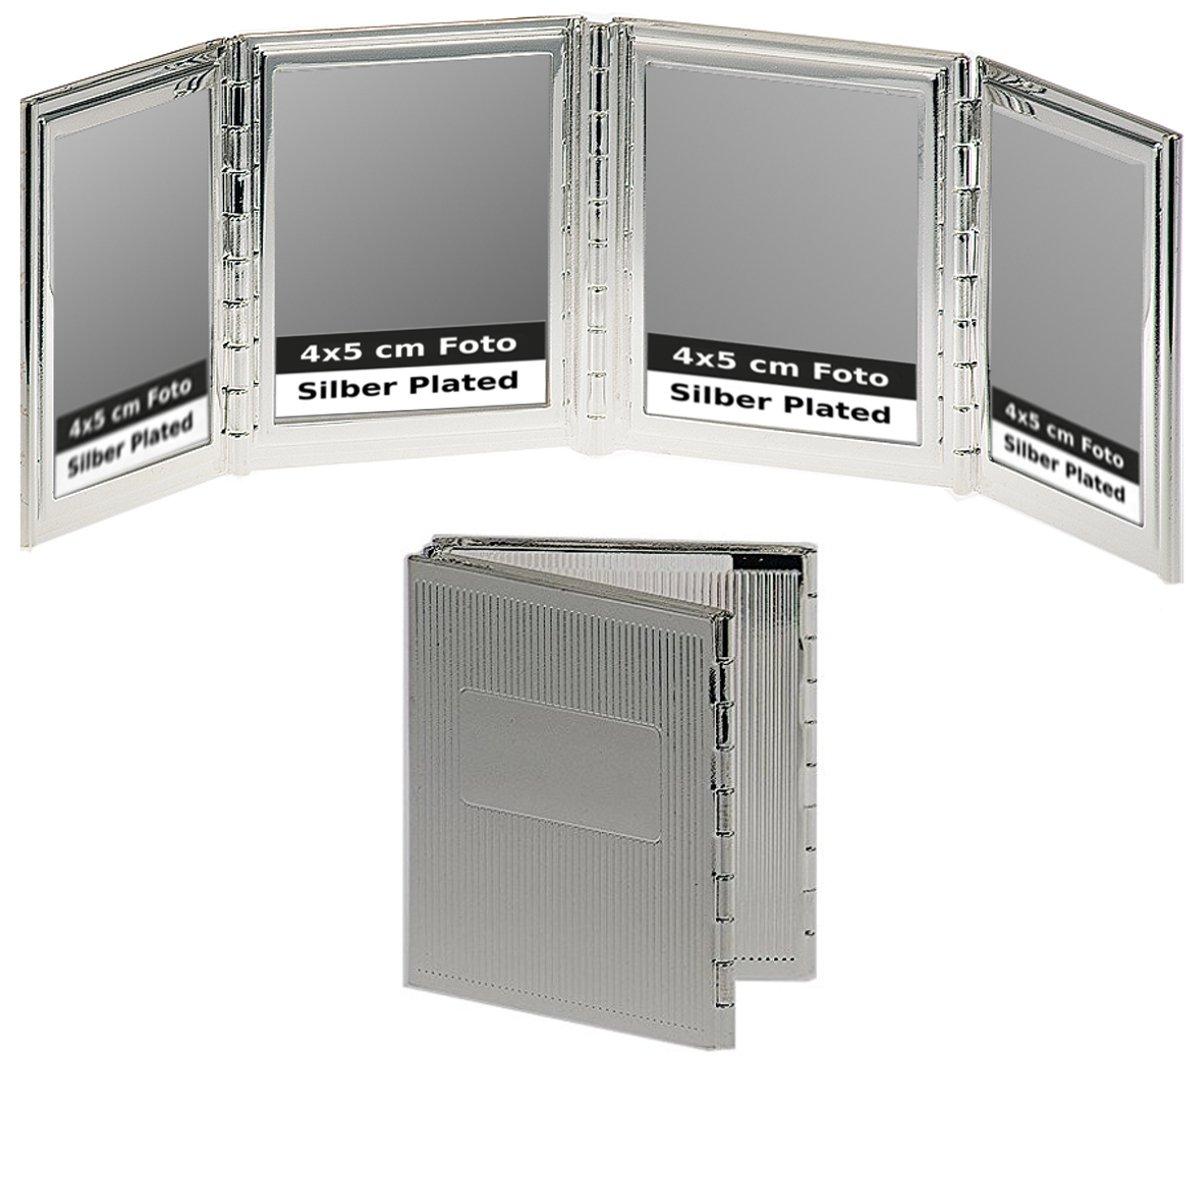 Reise-Klapprahmen Hamburg für 4 Bilder 4x5 cm Silber Plated ...